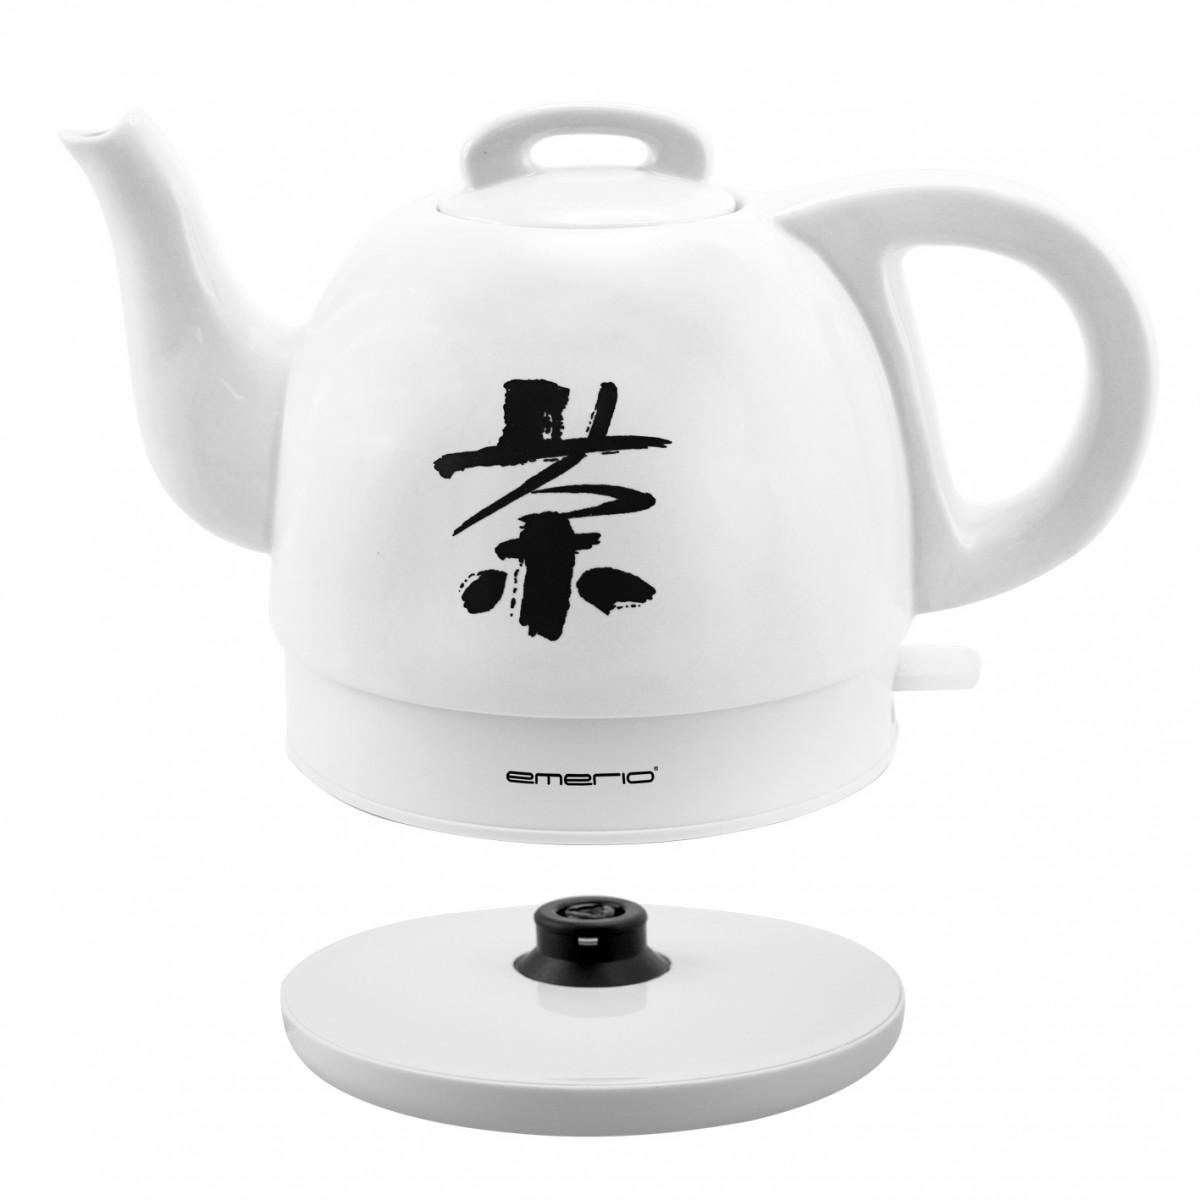 Design Wasserkocher mit Keramik-Kanne Emerio WK-109713.2 – Bild 2